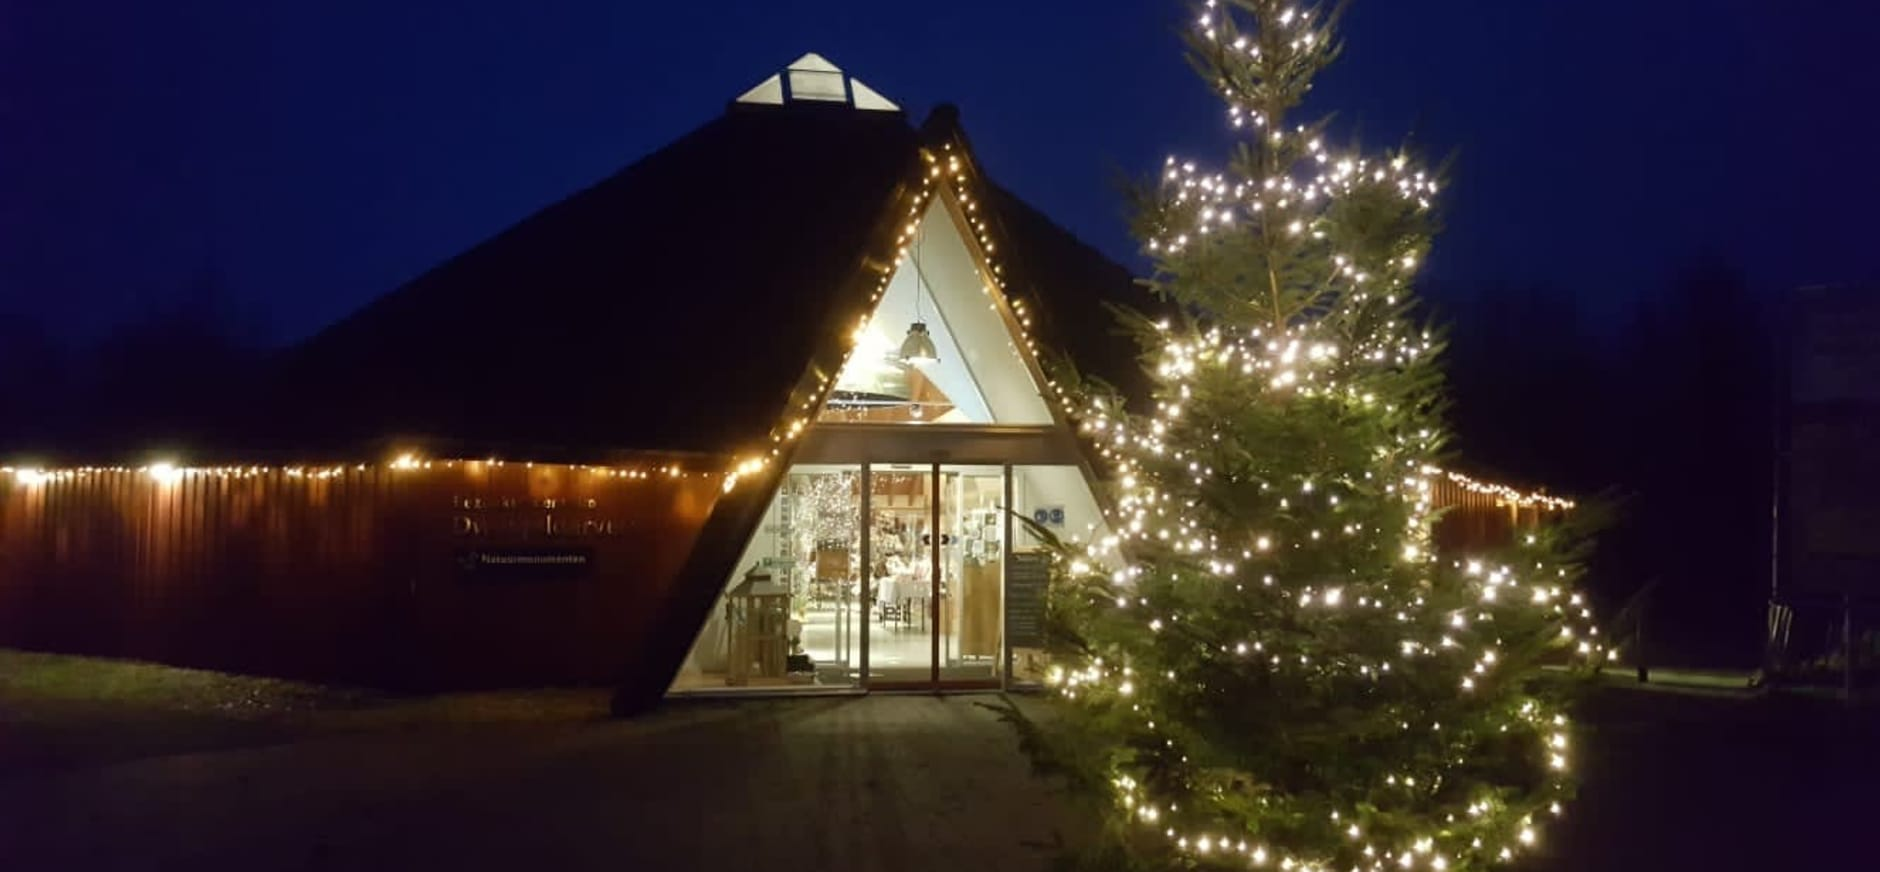 bezoekerscentrum in kerstsfeer